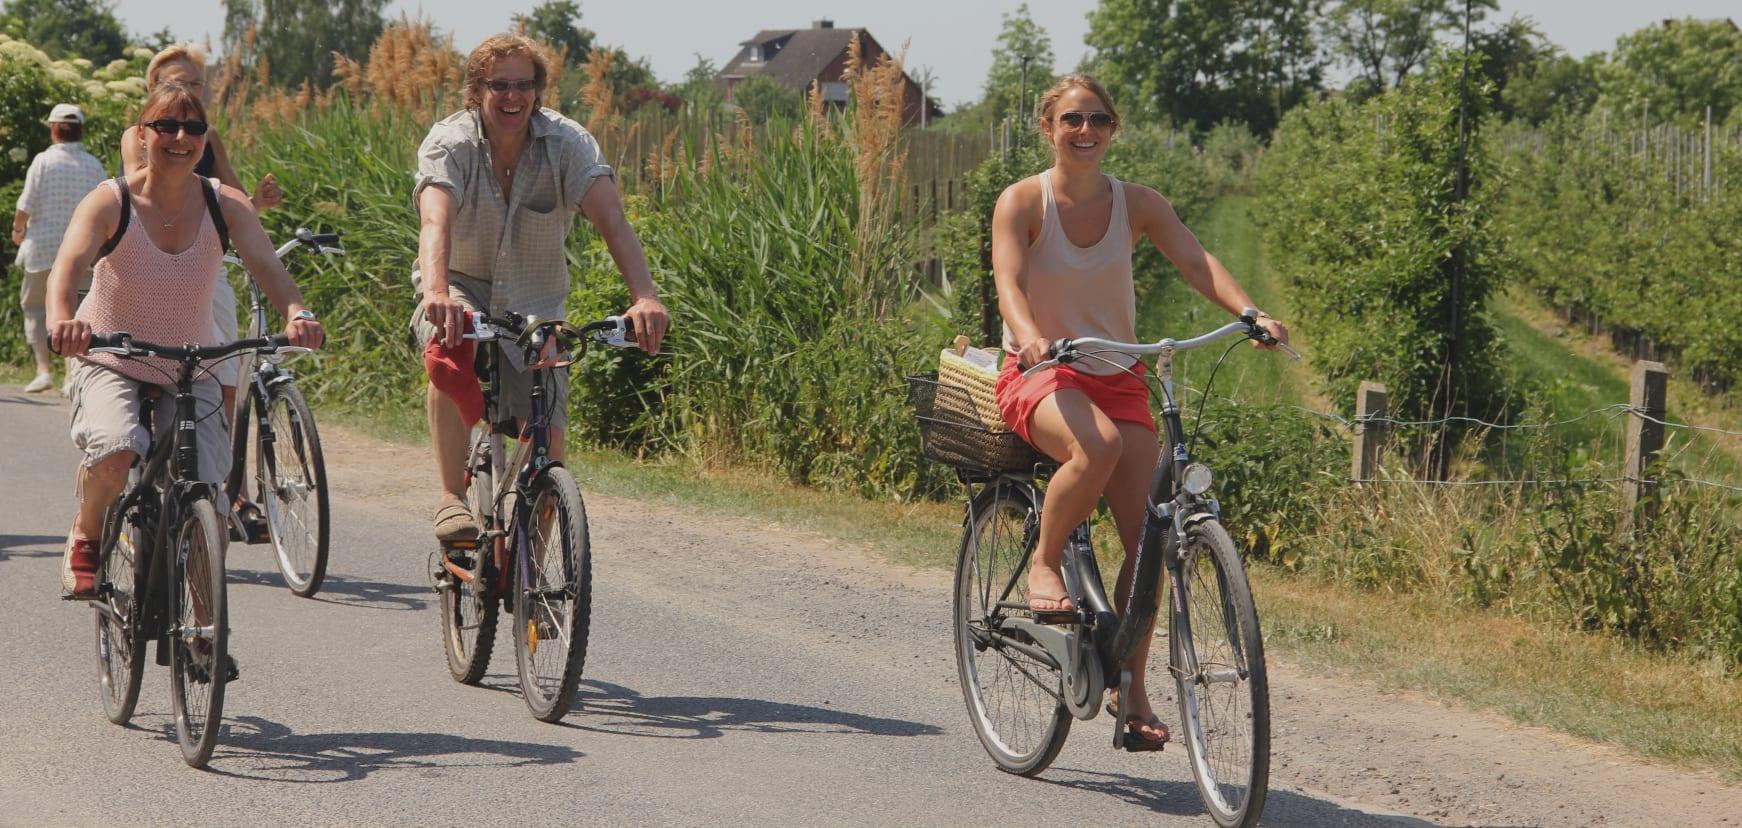 Radfahrer-Familie im Alten Land am Elbdeich